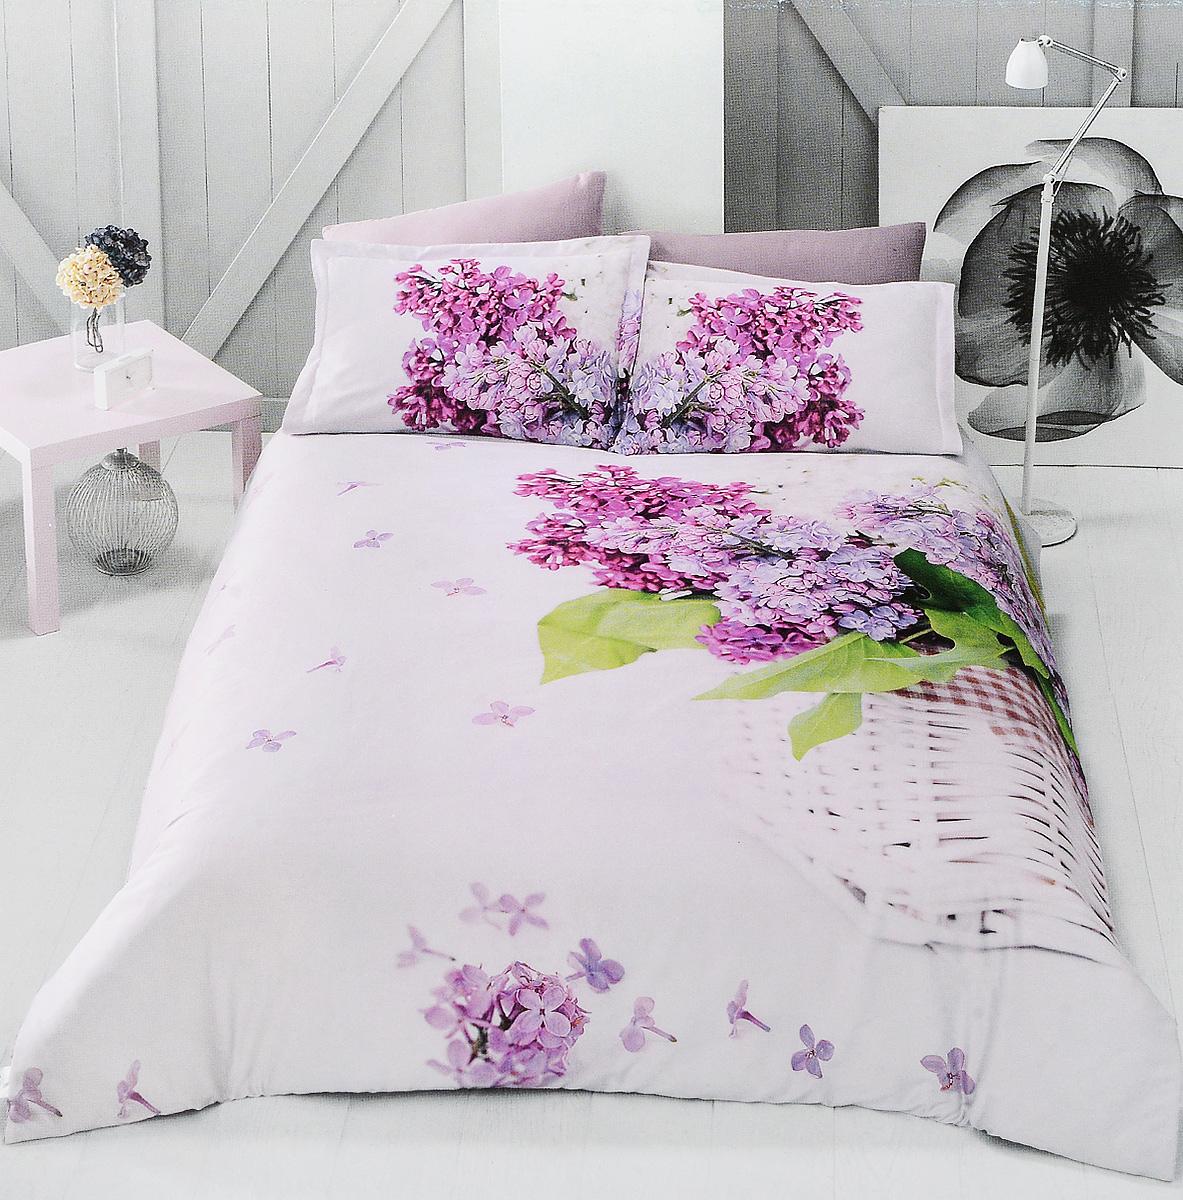 Комплект белья Clasy Lilac, евро, наволочки 50х70, цвет: розовый, фуксия00000005299Комплект постельного белья Clasy Lilac состоит из пододеяльника на пуговицах, простыни и 4 наволочек (2 стандартные и 2 с ушками). Изделия выполнены из сатина (100% хлопок). Ткань гладкая и имеет ровный матовый блеск. Секрет заключается в особенно плотном сатиновом переплетении. Несмотря на особую плотность, это постельное белье очень мягкое, спать на нем уютно и тепло. Ткань обладает отличными гигиеническими свойствами - гигроскопичностью, воздухопроницаемостью и гипоаллергенностью. Краска на сатине держится очень хорошо, новое белье не полиняет и со временем не станет выцветать. Такой комплект прослужит дольше любого другого хлопкового белья. Благодаря диагональному пересечению нитей ткань почти не мнется. В производстве белья используются только качественные безопасные импортные красители, которые не содержат вредных химических веществ и позволяют сохранить яркость красок после многократных стирок. Белье упаковано в подарочную картонную коробку.